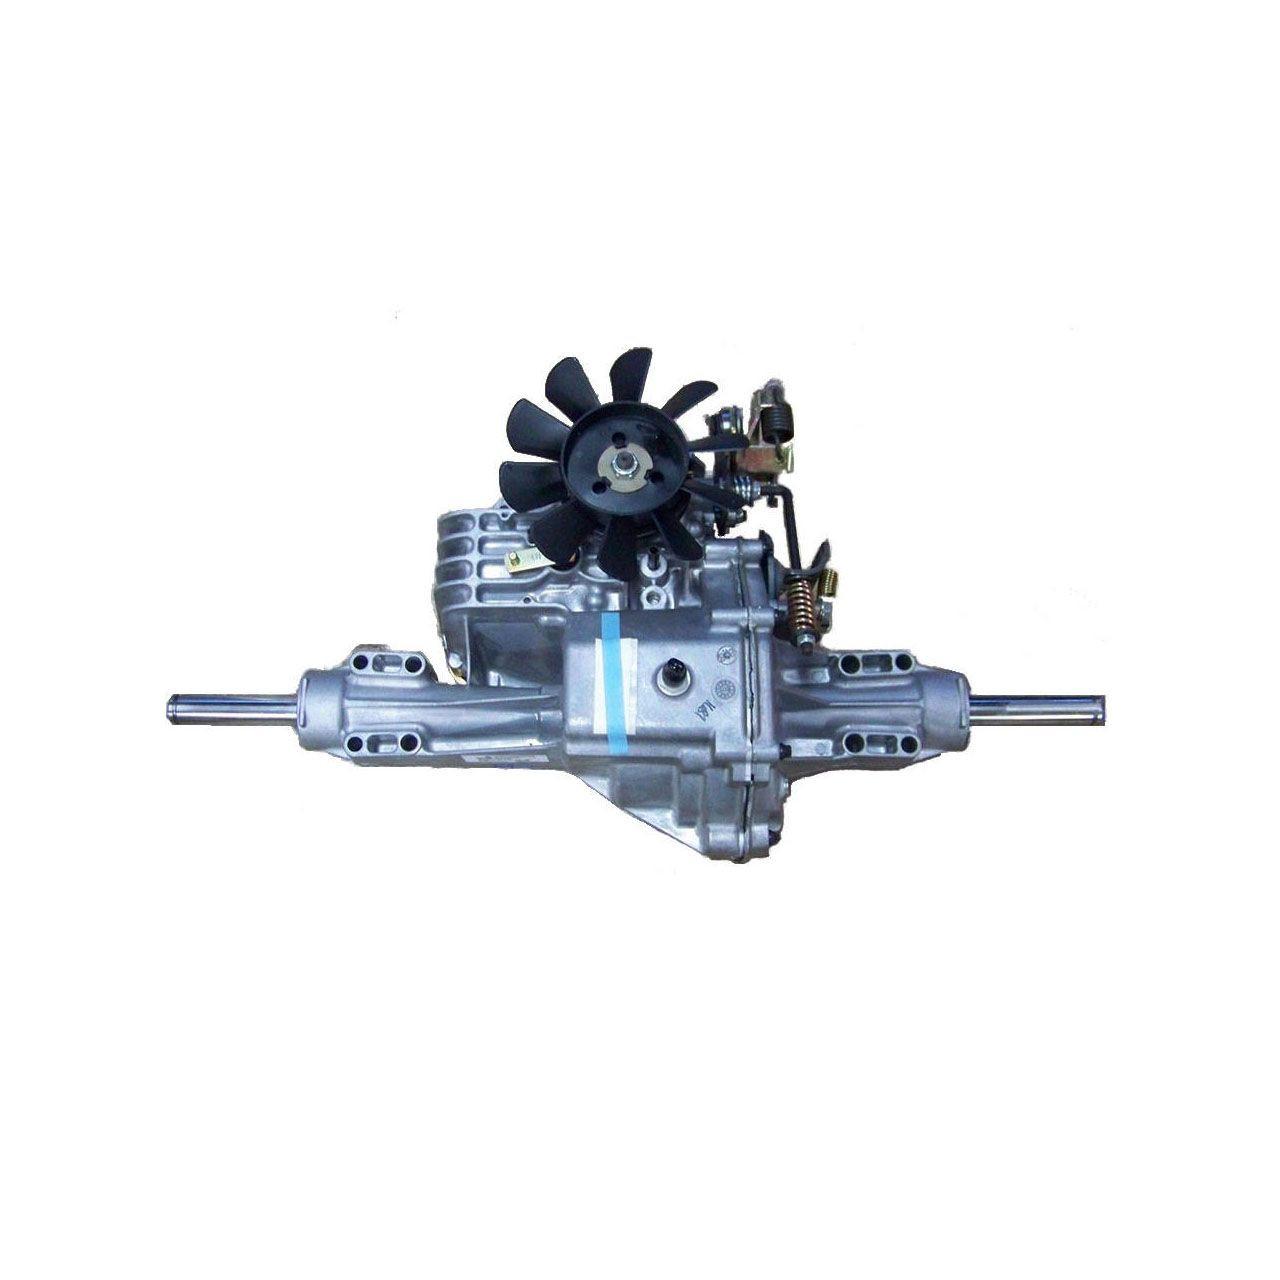 Hydro Gear 176057 - Transaxle Hydrostatic 3500 - Image 1